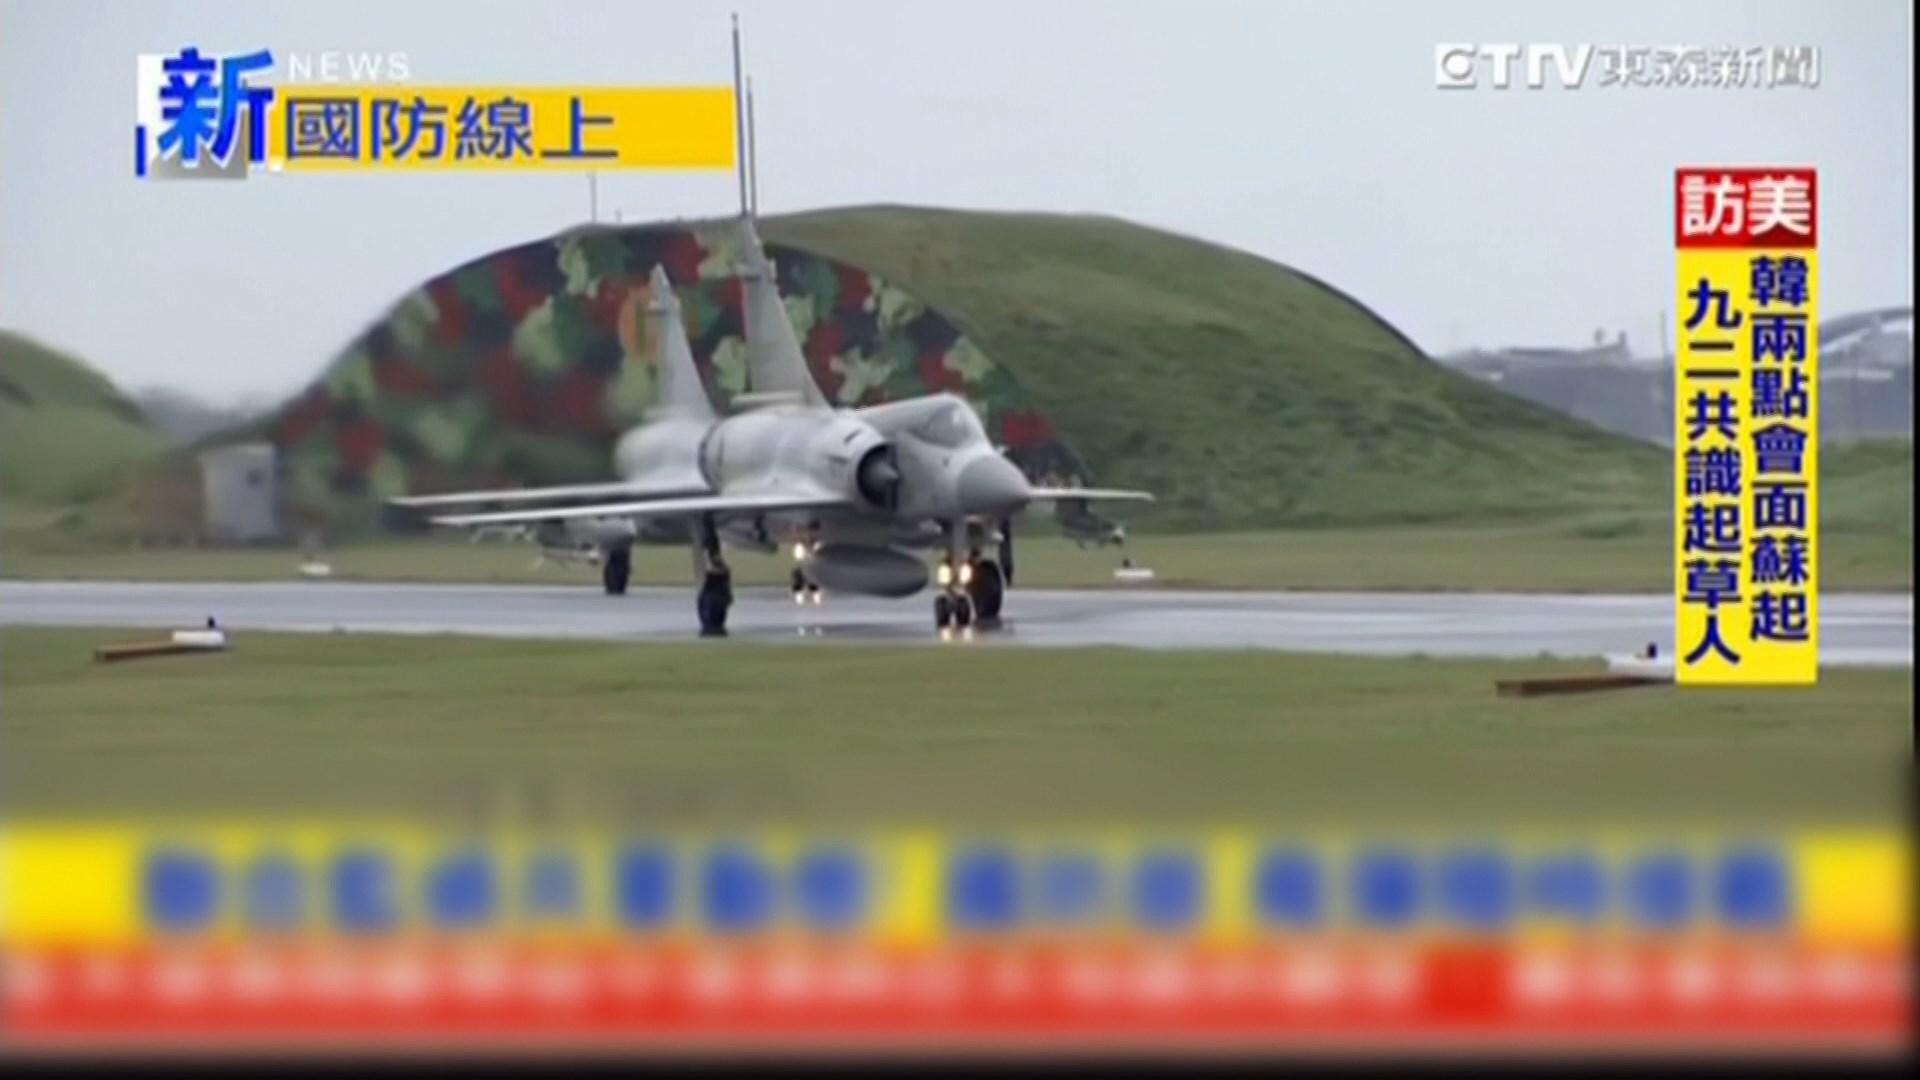 台灣指飛彈候命應付越過海峽中線的解放軍